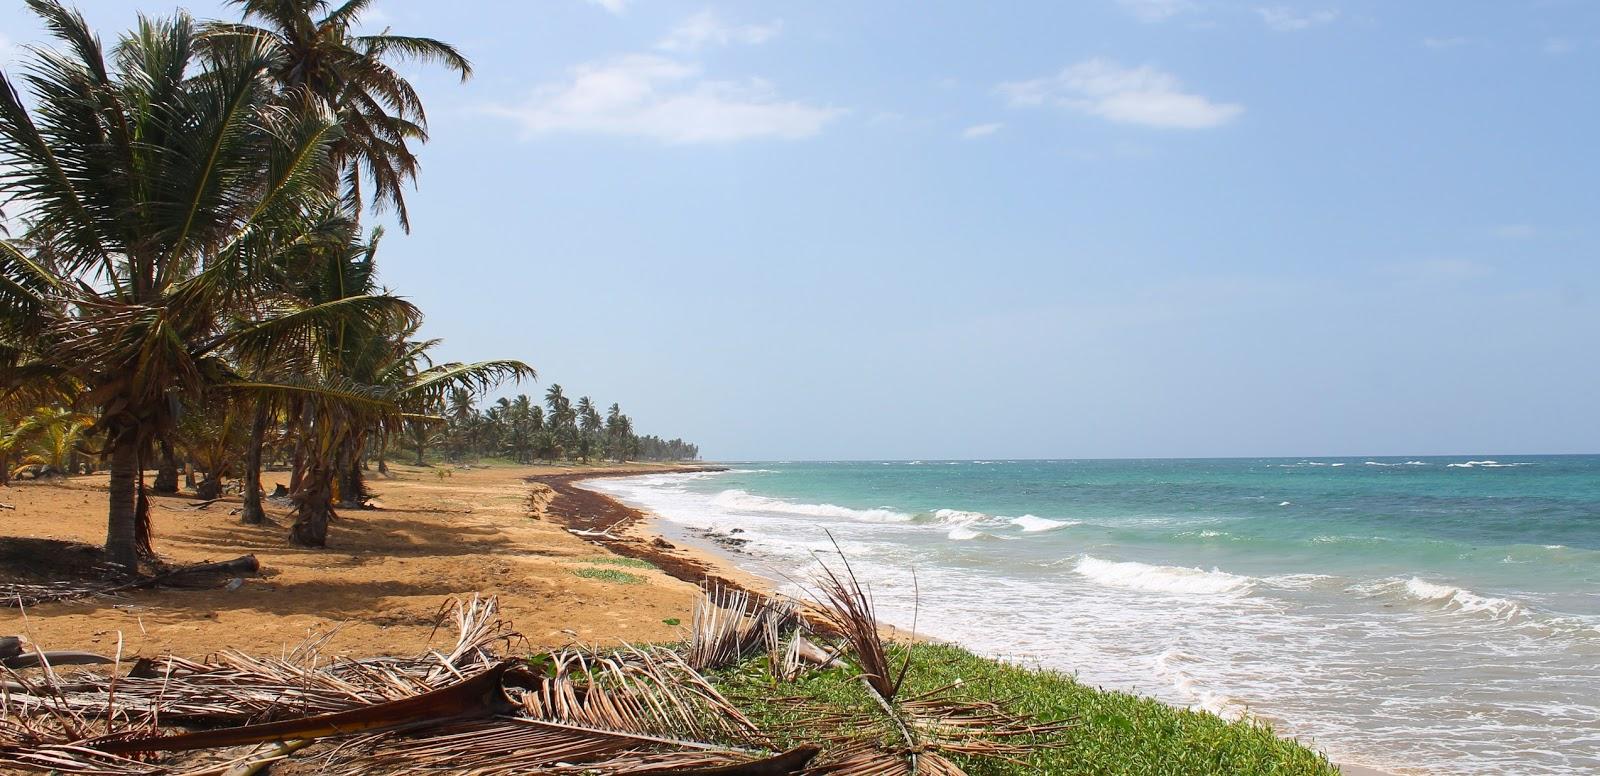 Фото пляжа Макао